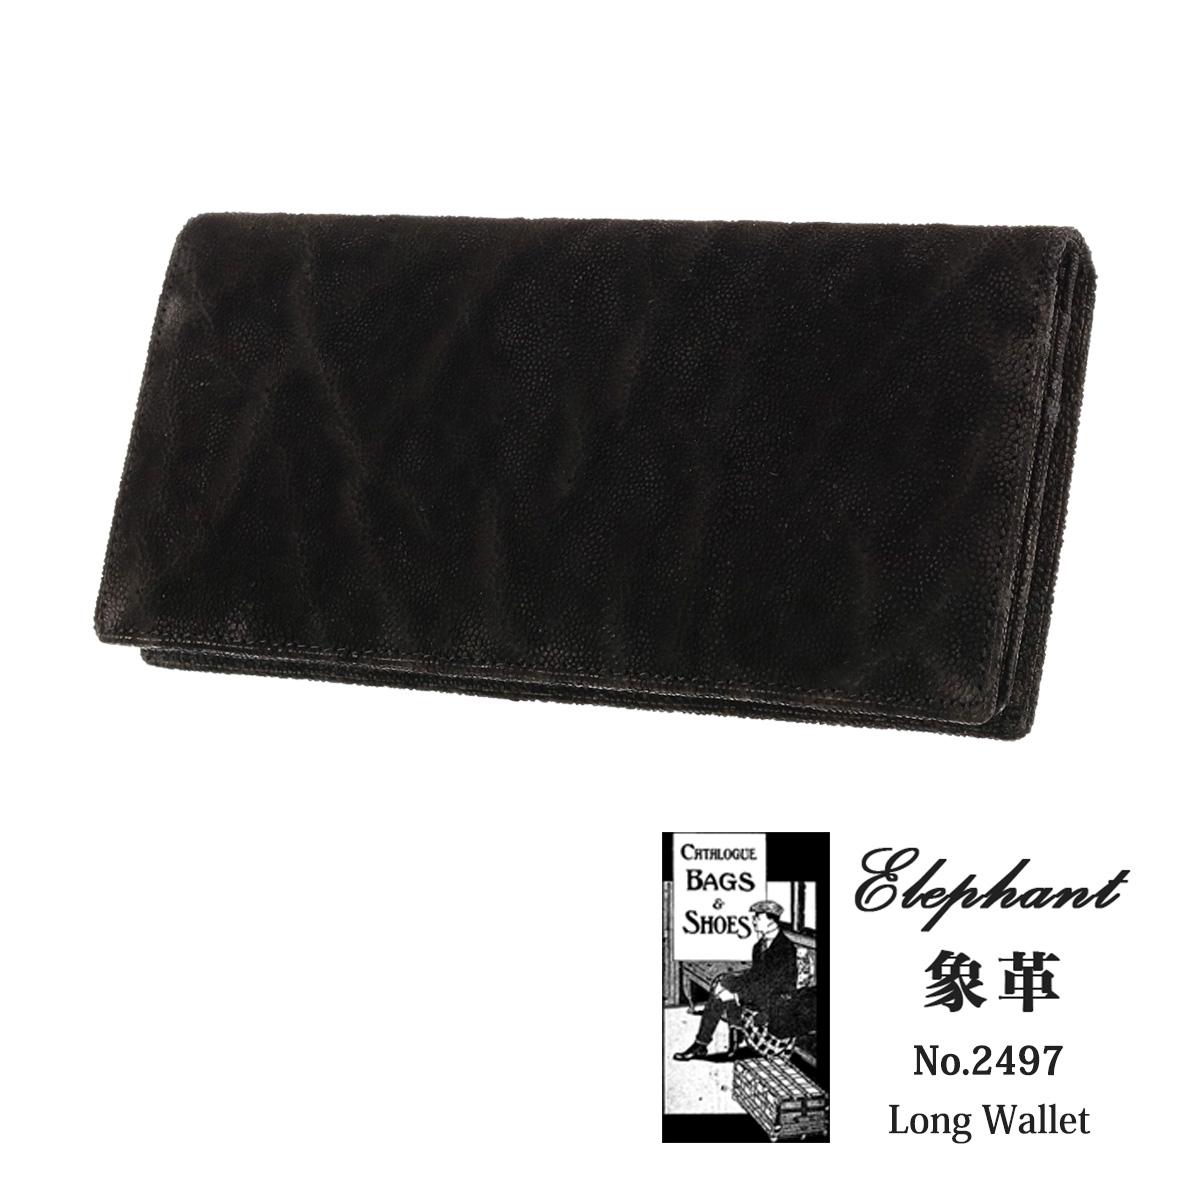 青木鞄 ラゲージアオキ1894 Luggage AOKI 1894 長財布 2497 アフリカンエレファント 束入れ メンズ アフリカ象革 レザー [PO10][bef]